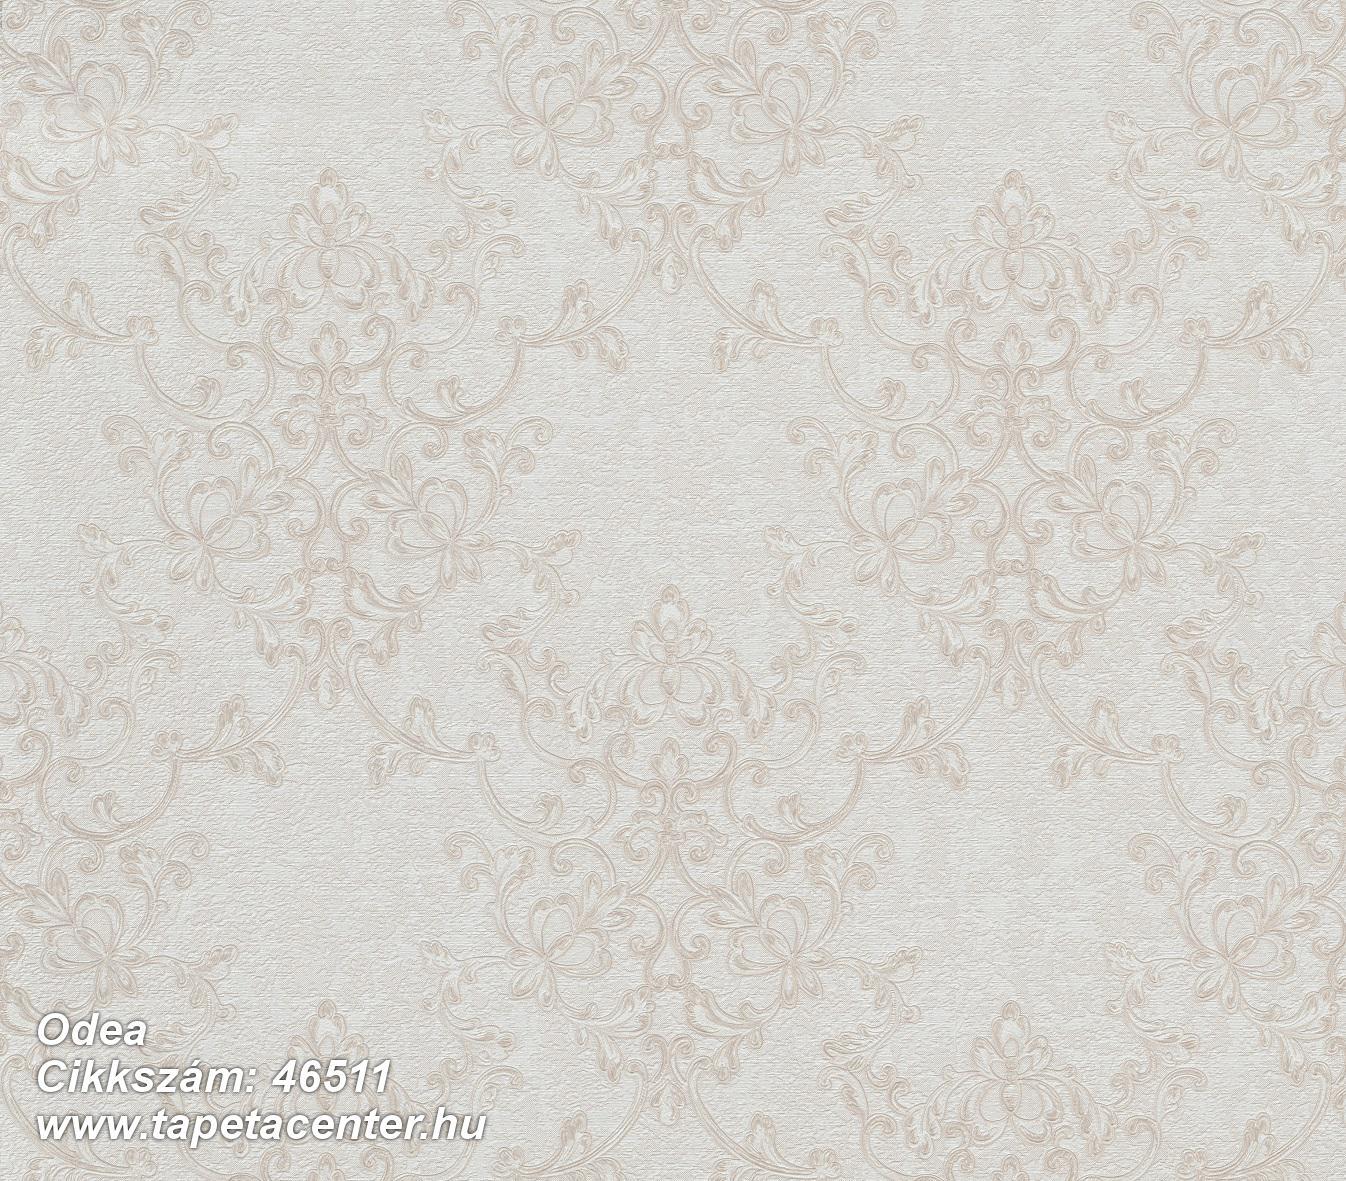 Odea - 46511 Olasz tapéta